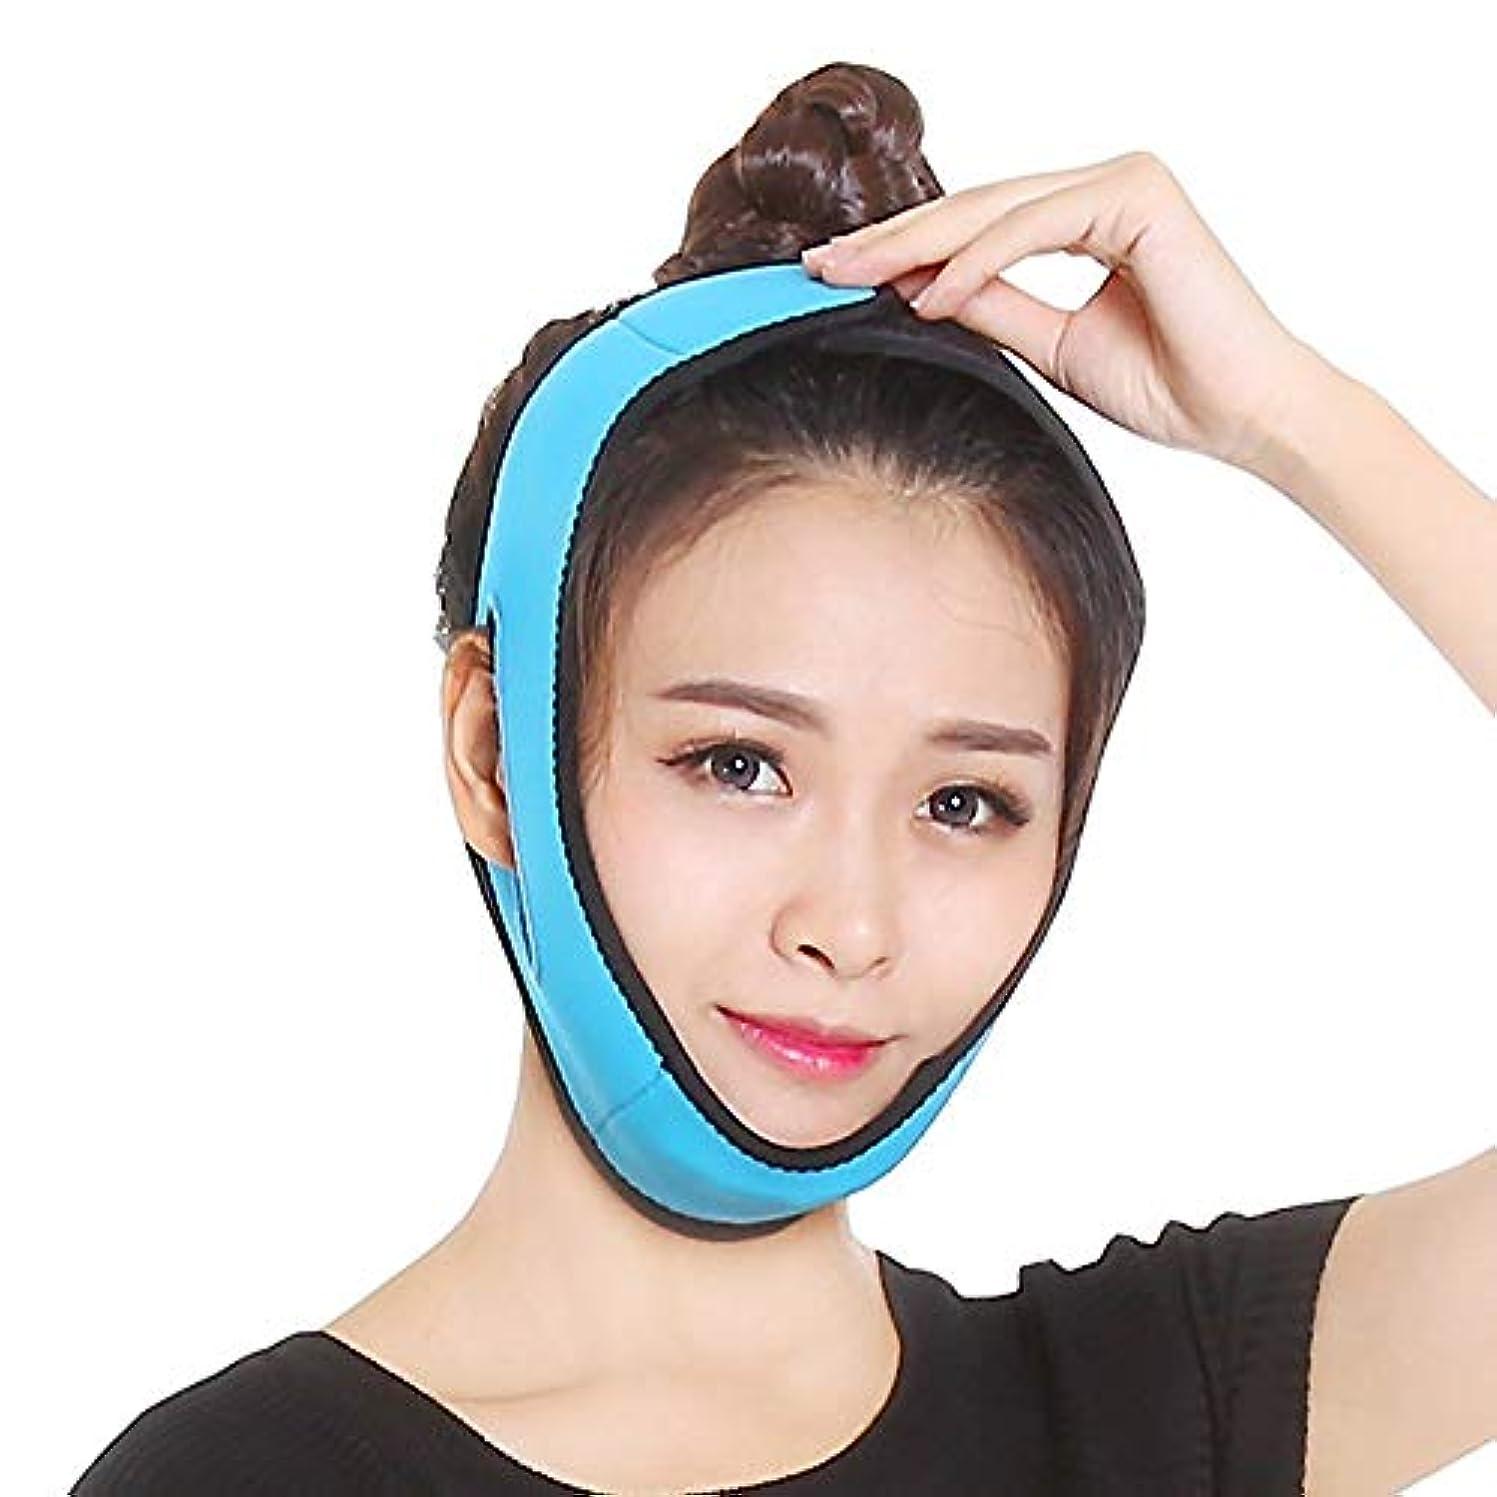 論理的にジョブアルネXINGZHE フェイシャルリフティングスリミングベルト - 薄いフェイス包帯二重あごデバイス無料フェイシャルマッサージ整形マスクを引き締める顔と首の顔スリム フェイスリフティングベルト